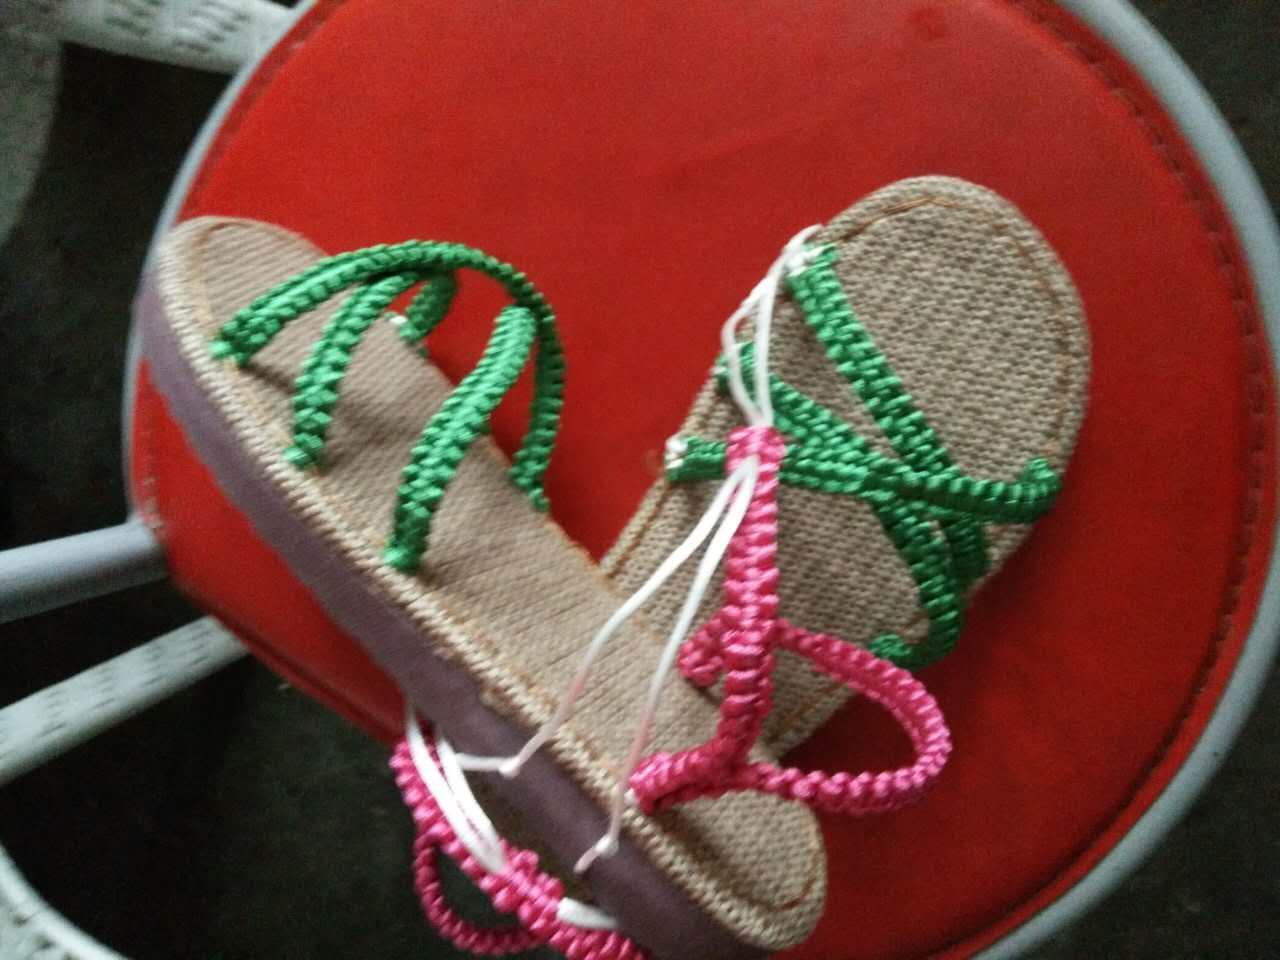 看网上有买手工编织的凉鞋,于是自己